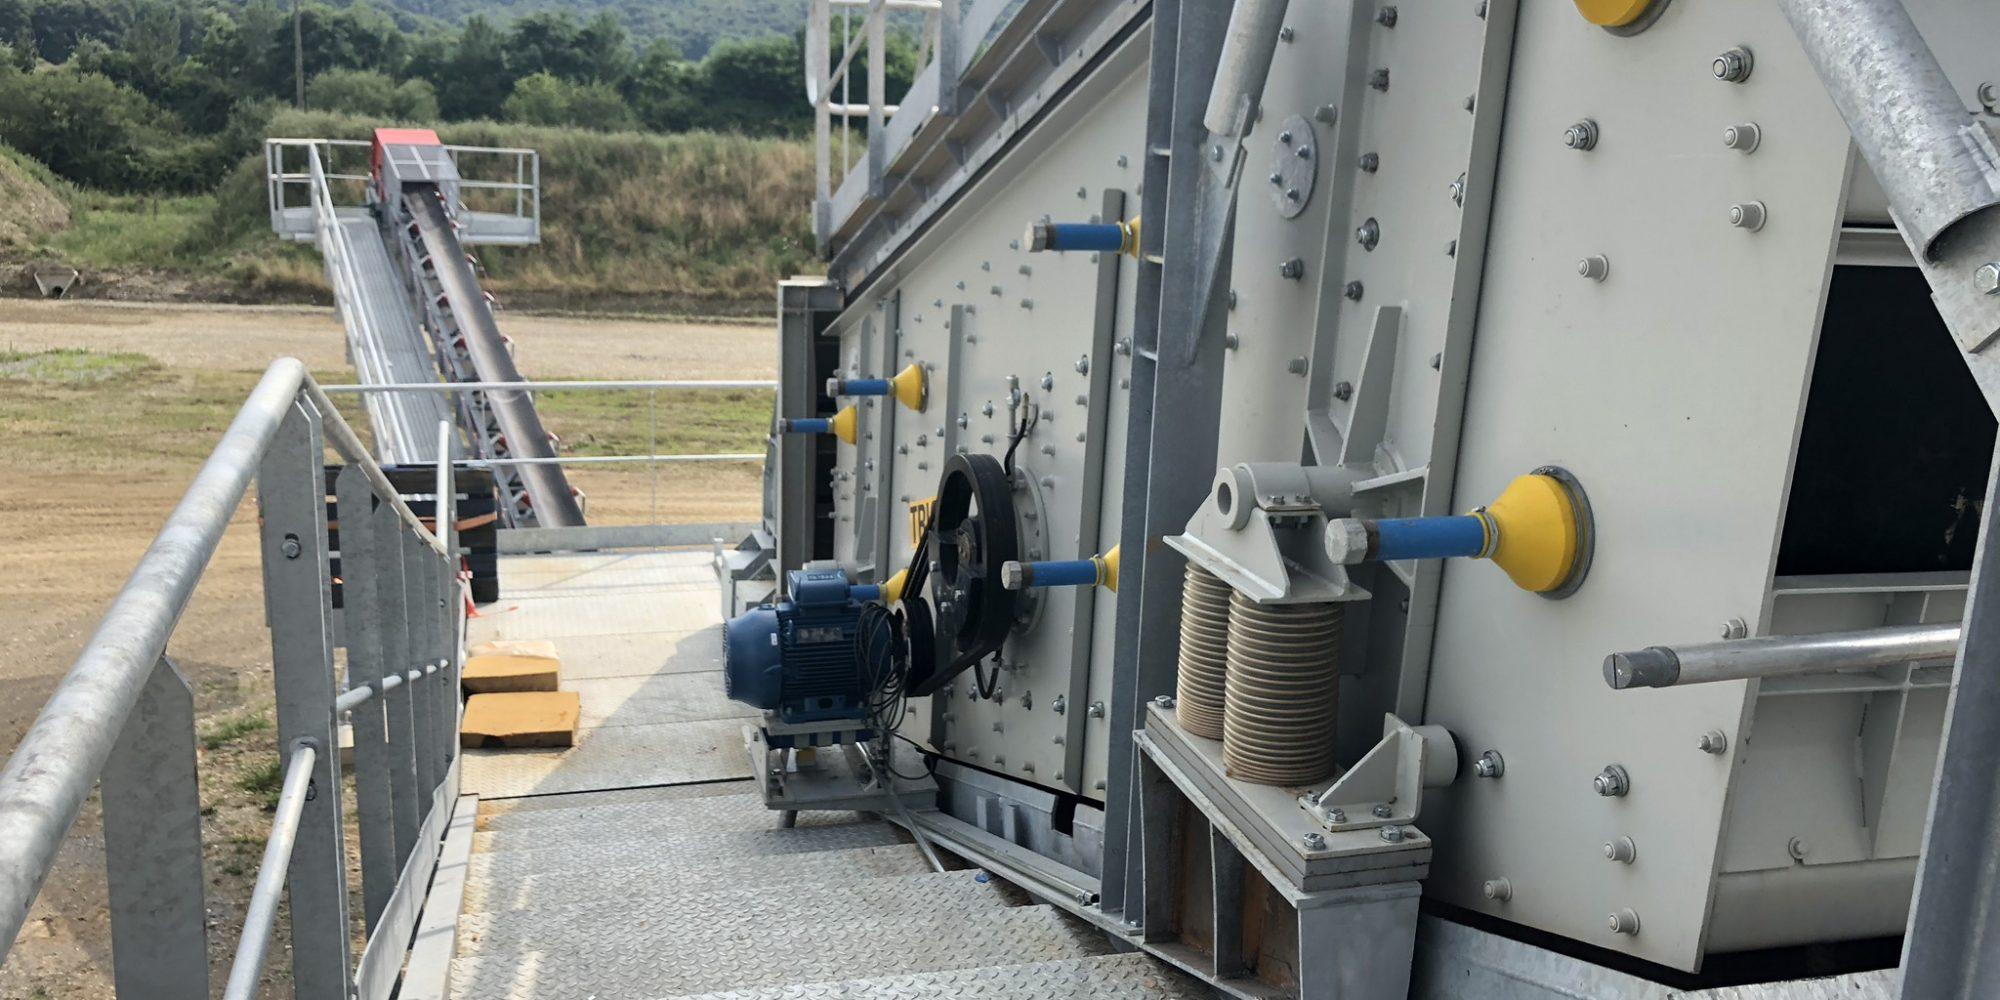 Bureau d'études pour la production sur-mesure d'installations fixes de concassage et criblage